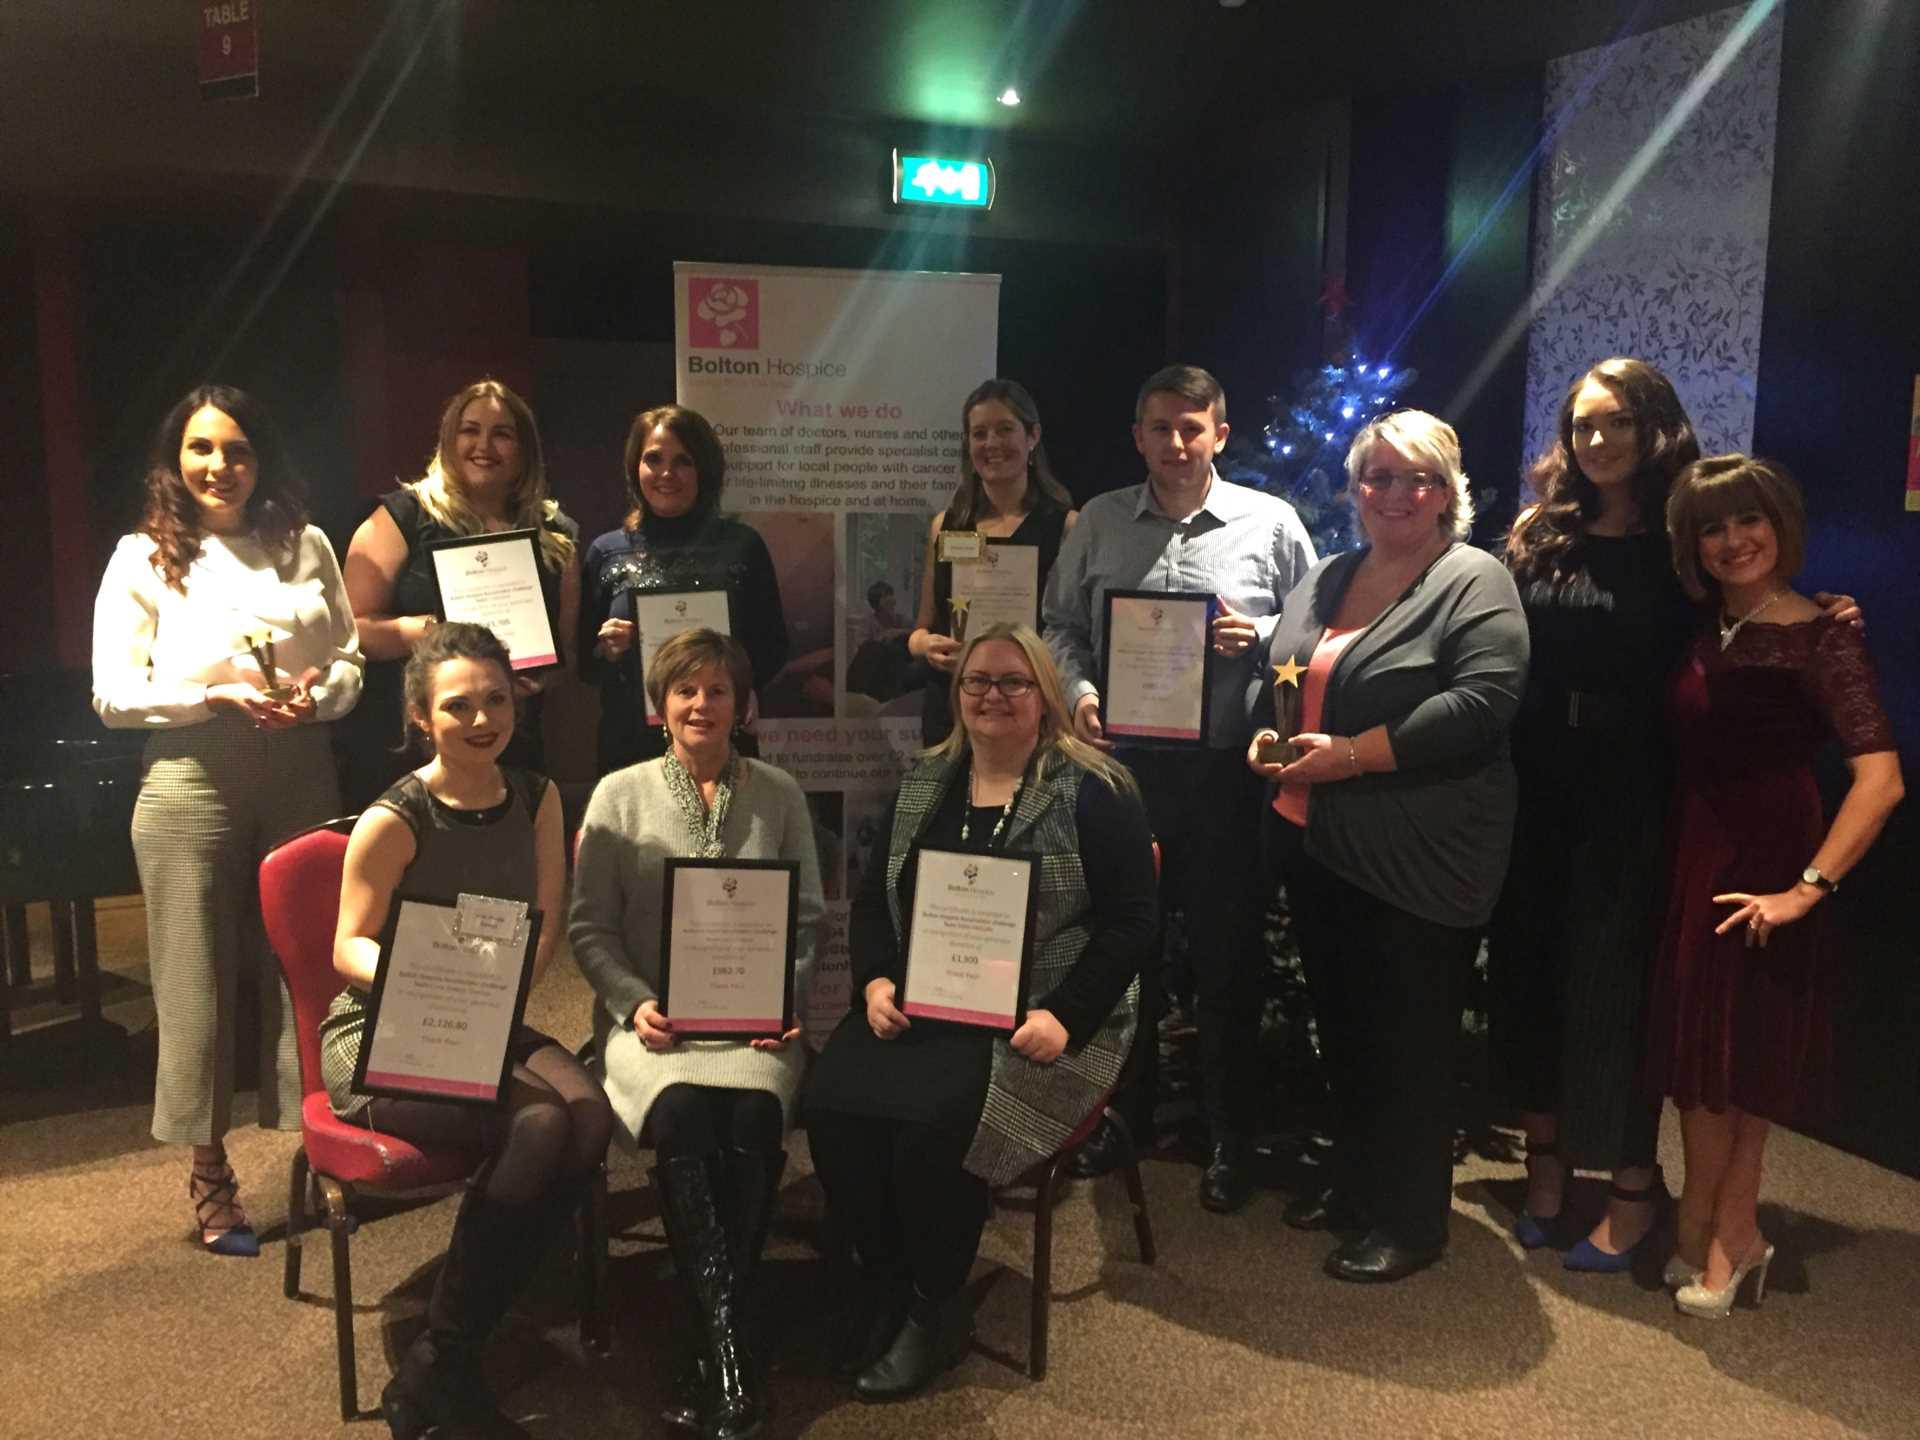 Bolton Hospice Awards Event Dec 1st